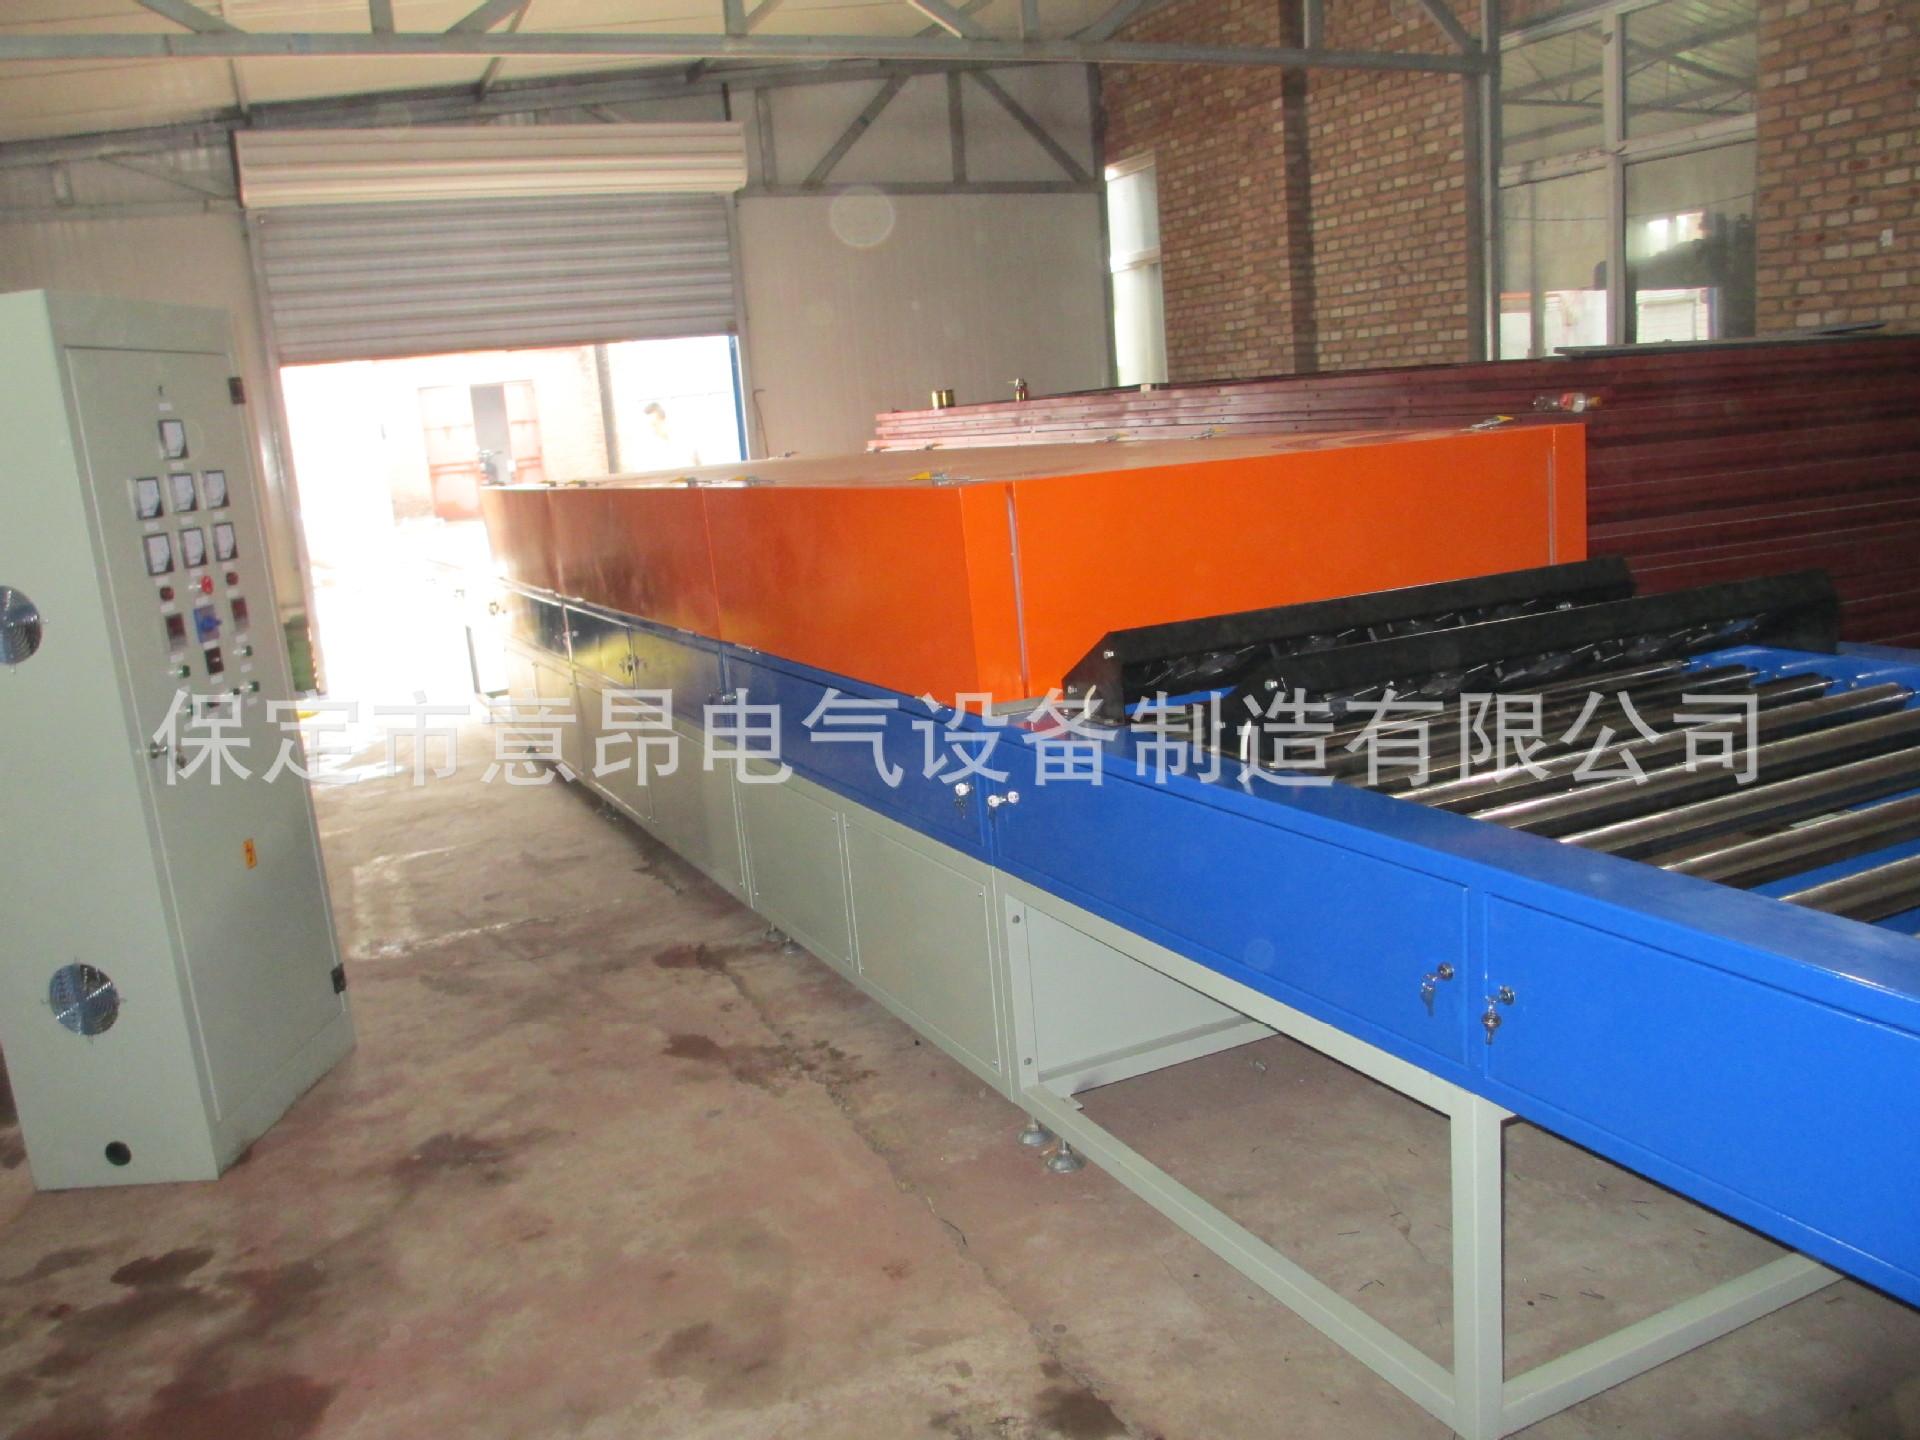 工业烘干机_厂家供应非标节能隧道炉流水线各种省电工业